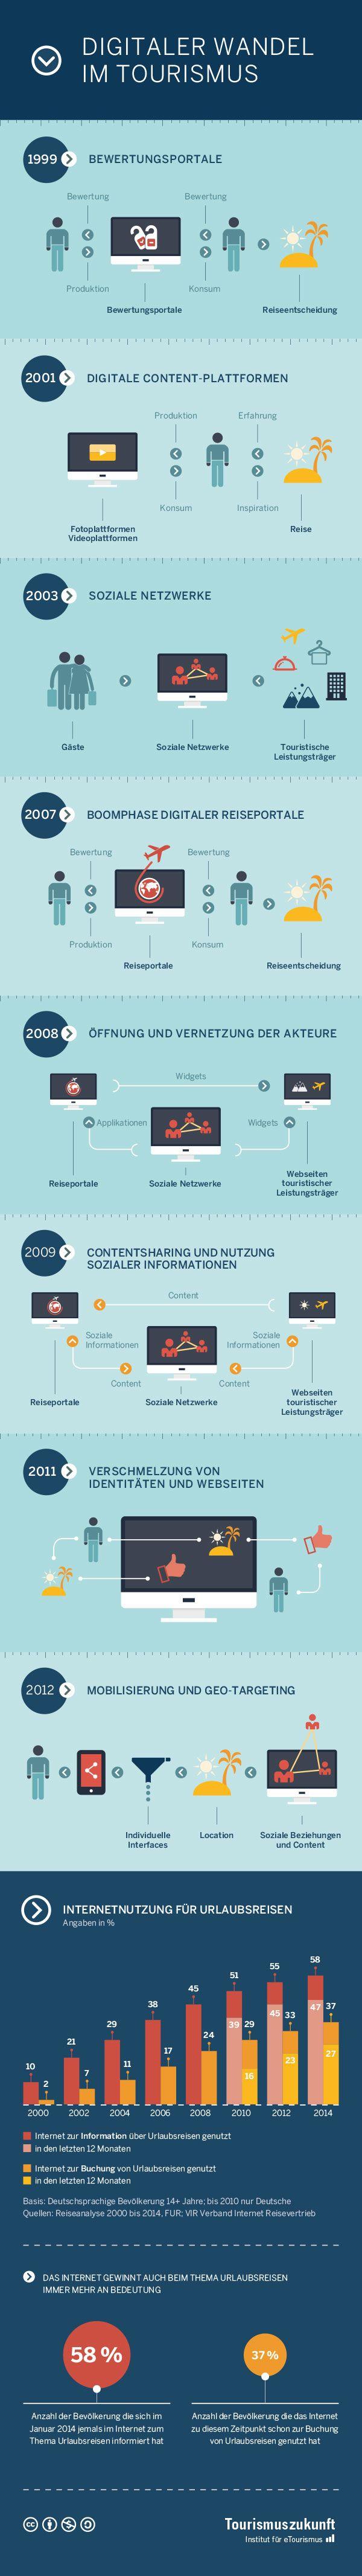 15 Jahre digitaler Wandel im Tourismus – eine Infografik (via @Markus Hedin)